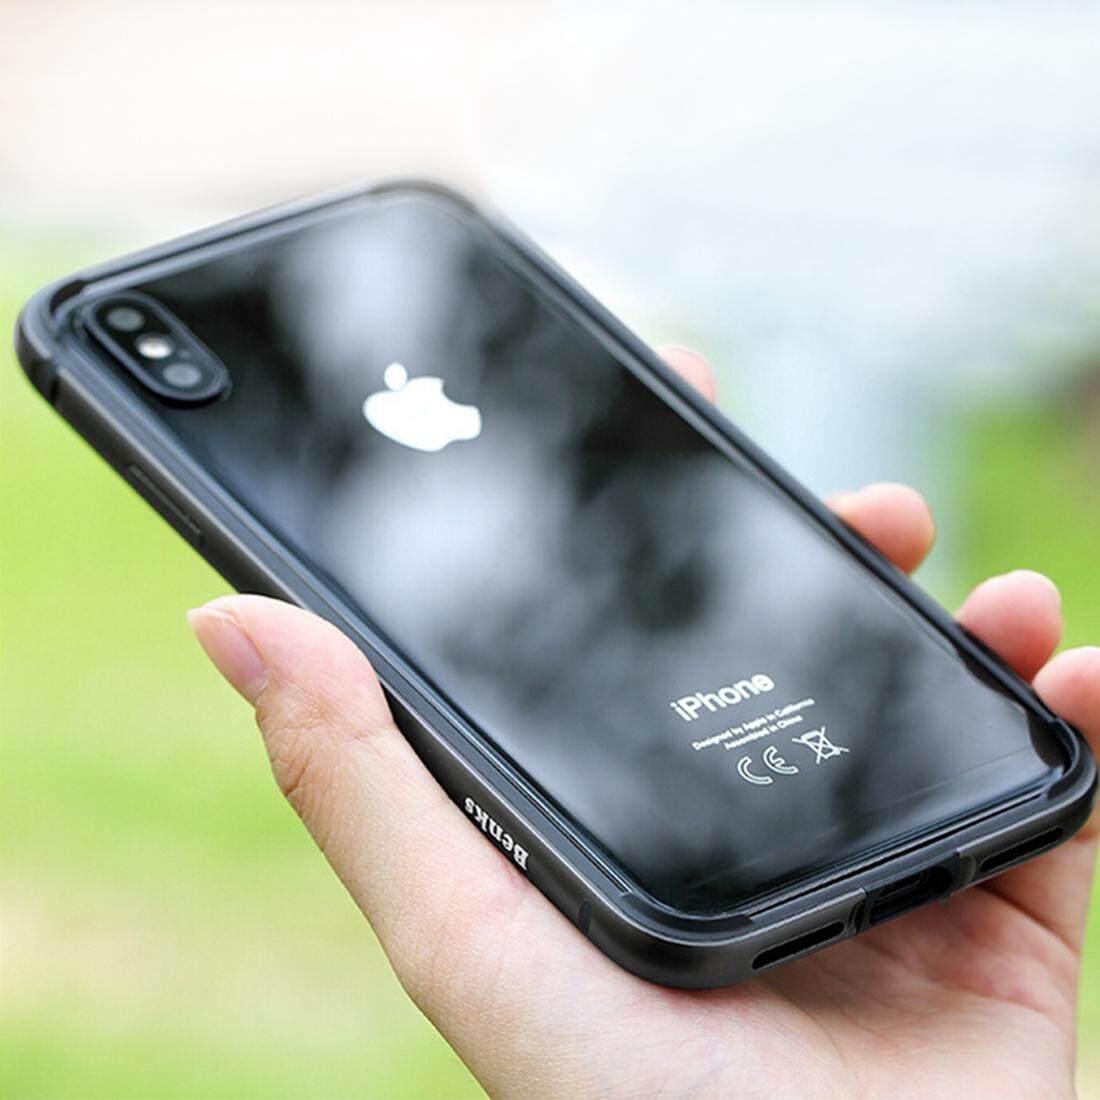 Bán Benks Cho Iphone X Kim Loại Mạ Điện Dropproof Full Độ Phủ Ốp Lưng Bảo Vệ Khung Đen Quốc Tế Sunsky Có Thương Hiệu